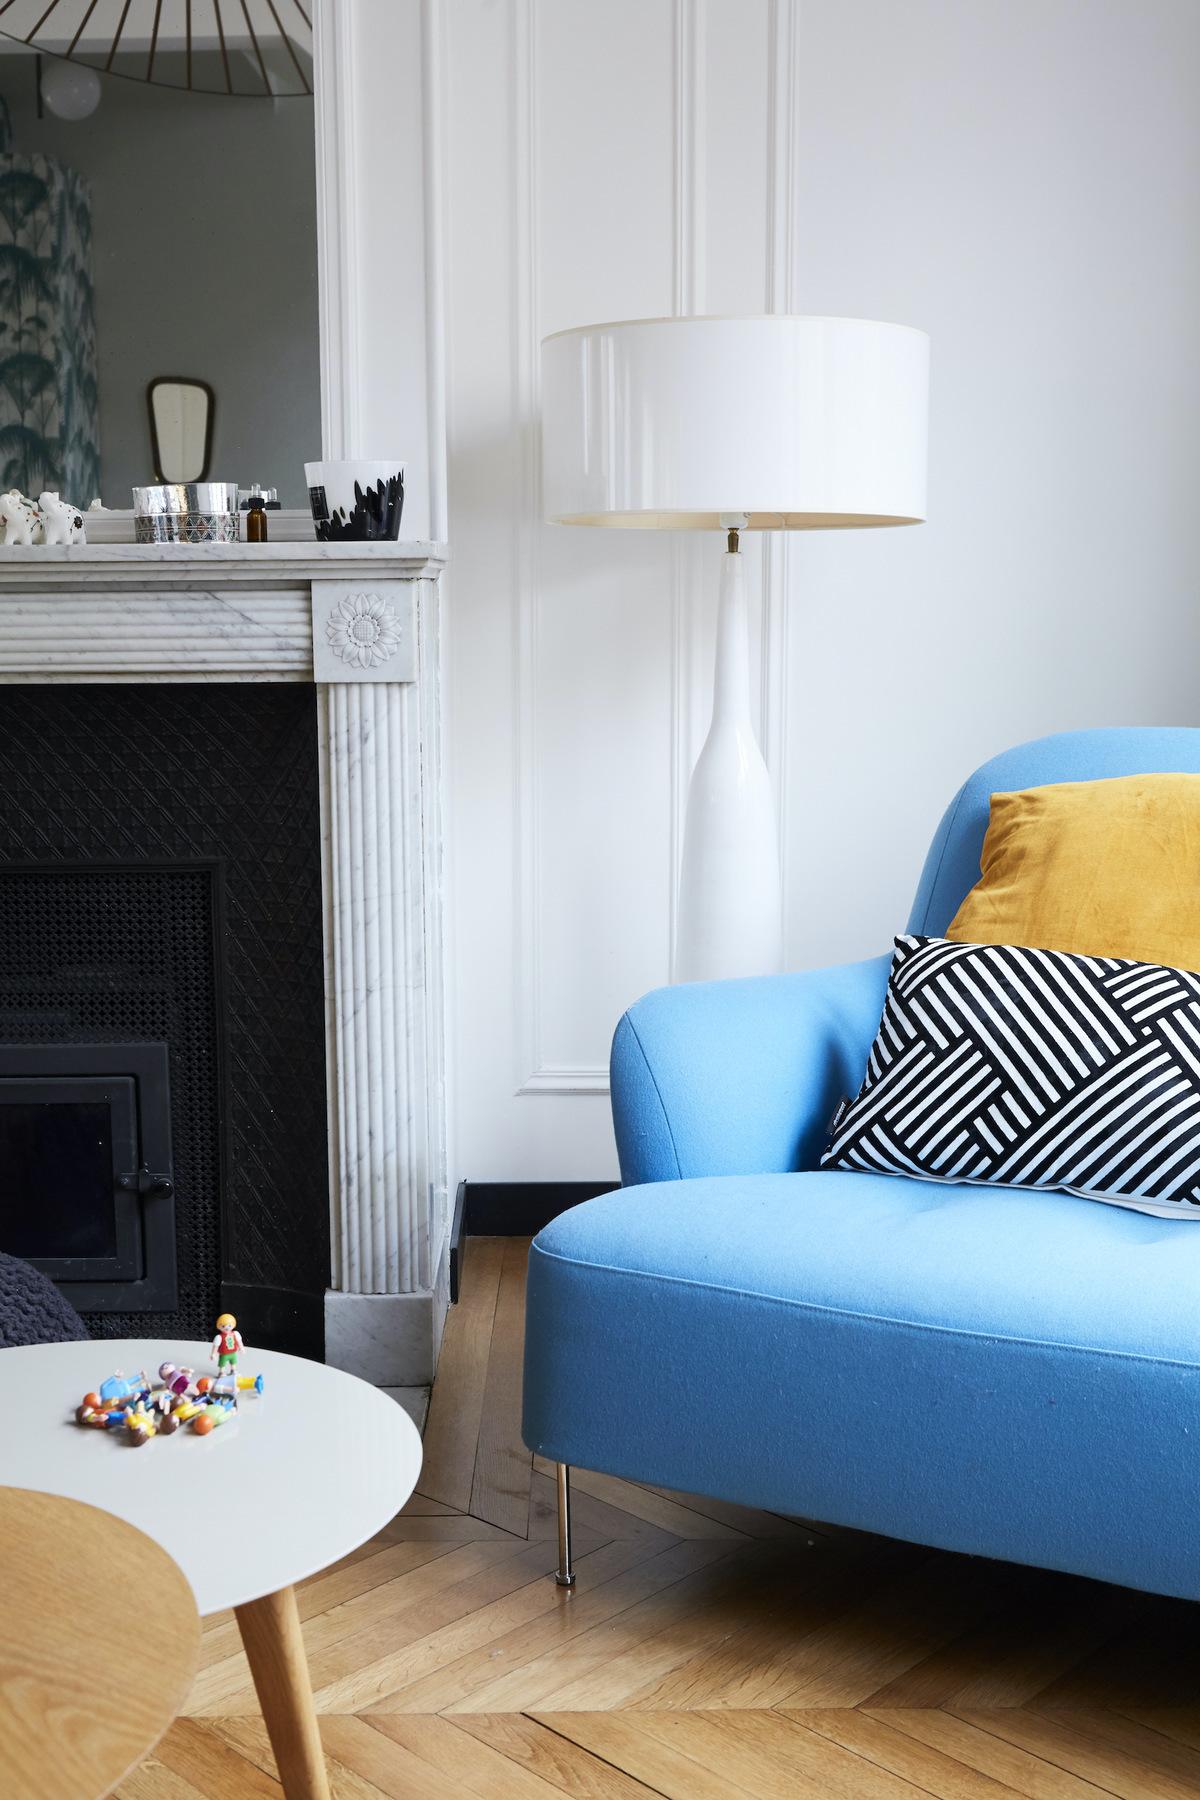 salon traditionnel parisien décoration intérieur cheminée marbre miroir doré fauteuil bleu clair